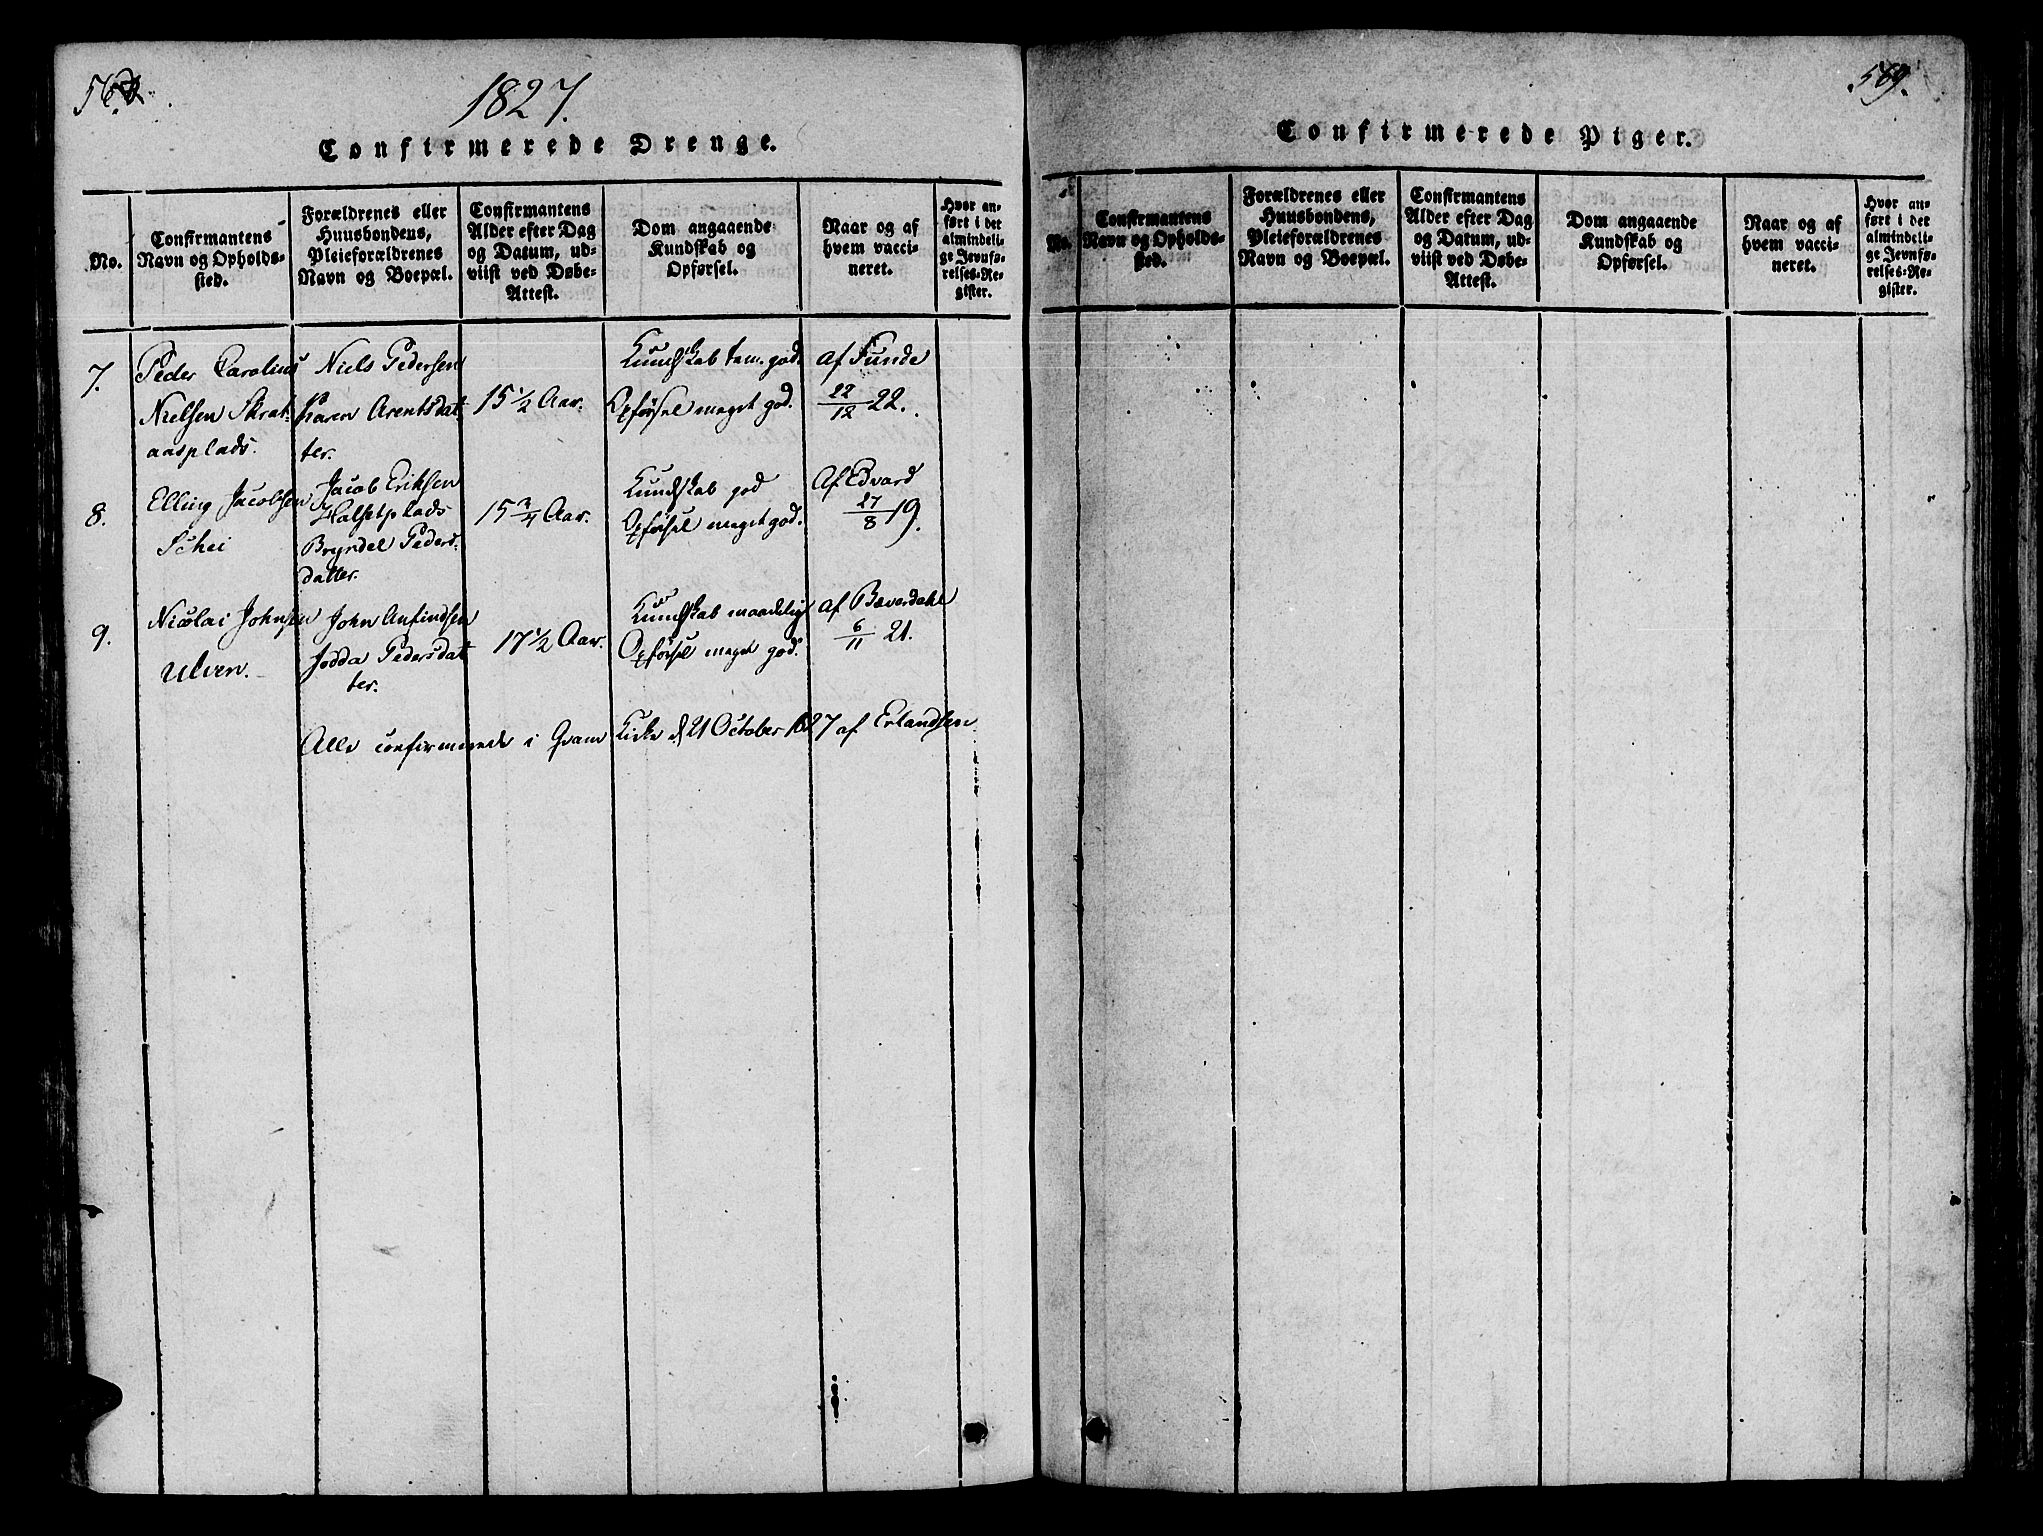 SAT, Ministerialprotokoller, klokkerbøker og fødselsregistre - Nord-Trøndelag, 746/L0441: Ministerialbok nr. 746A03 /4, 1816-1827, s. 568-569